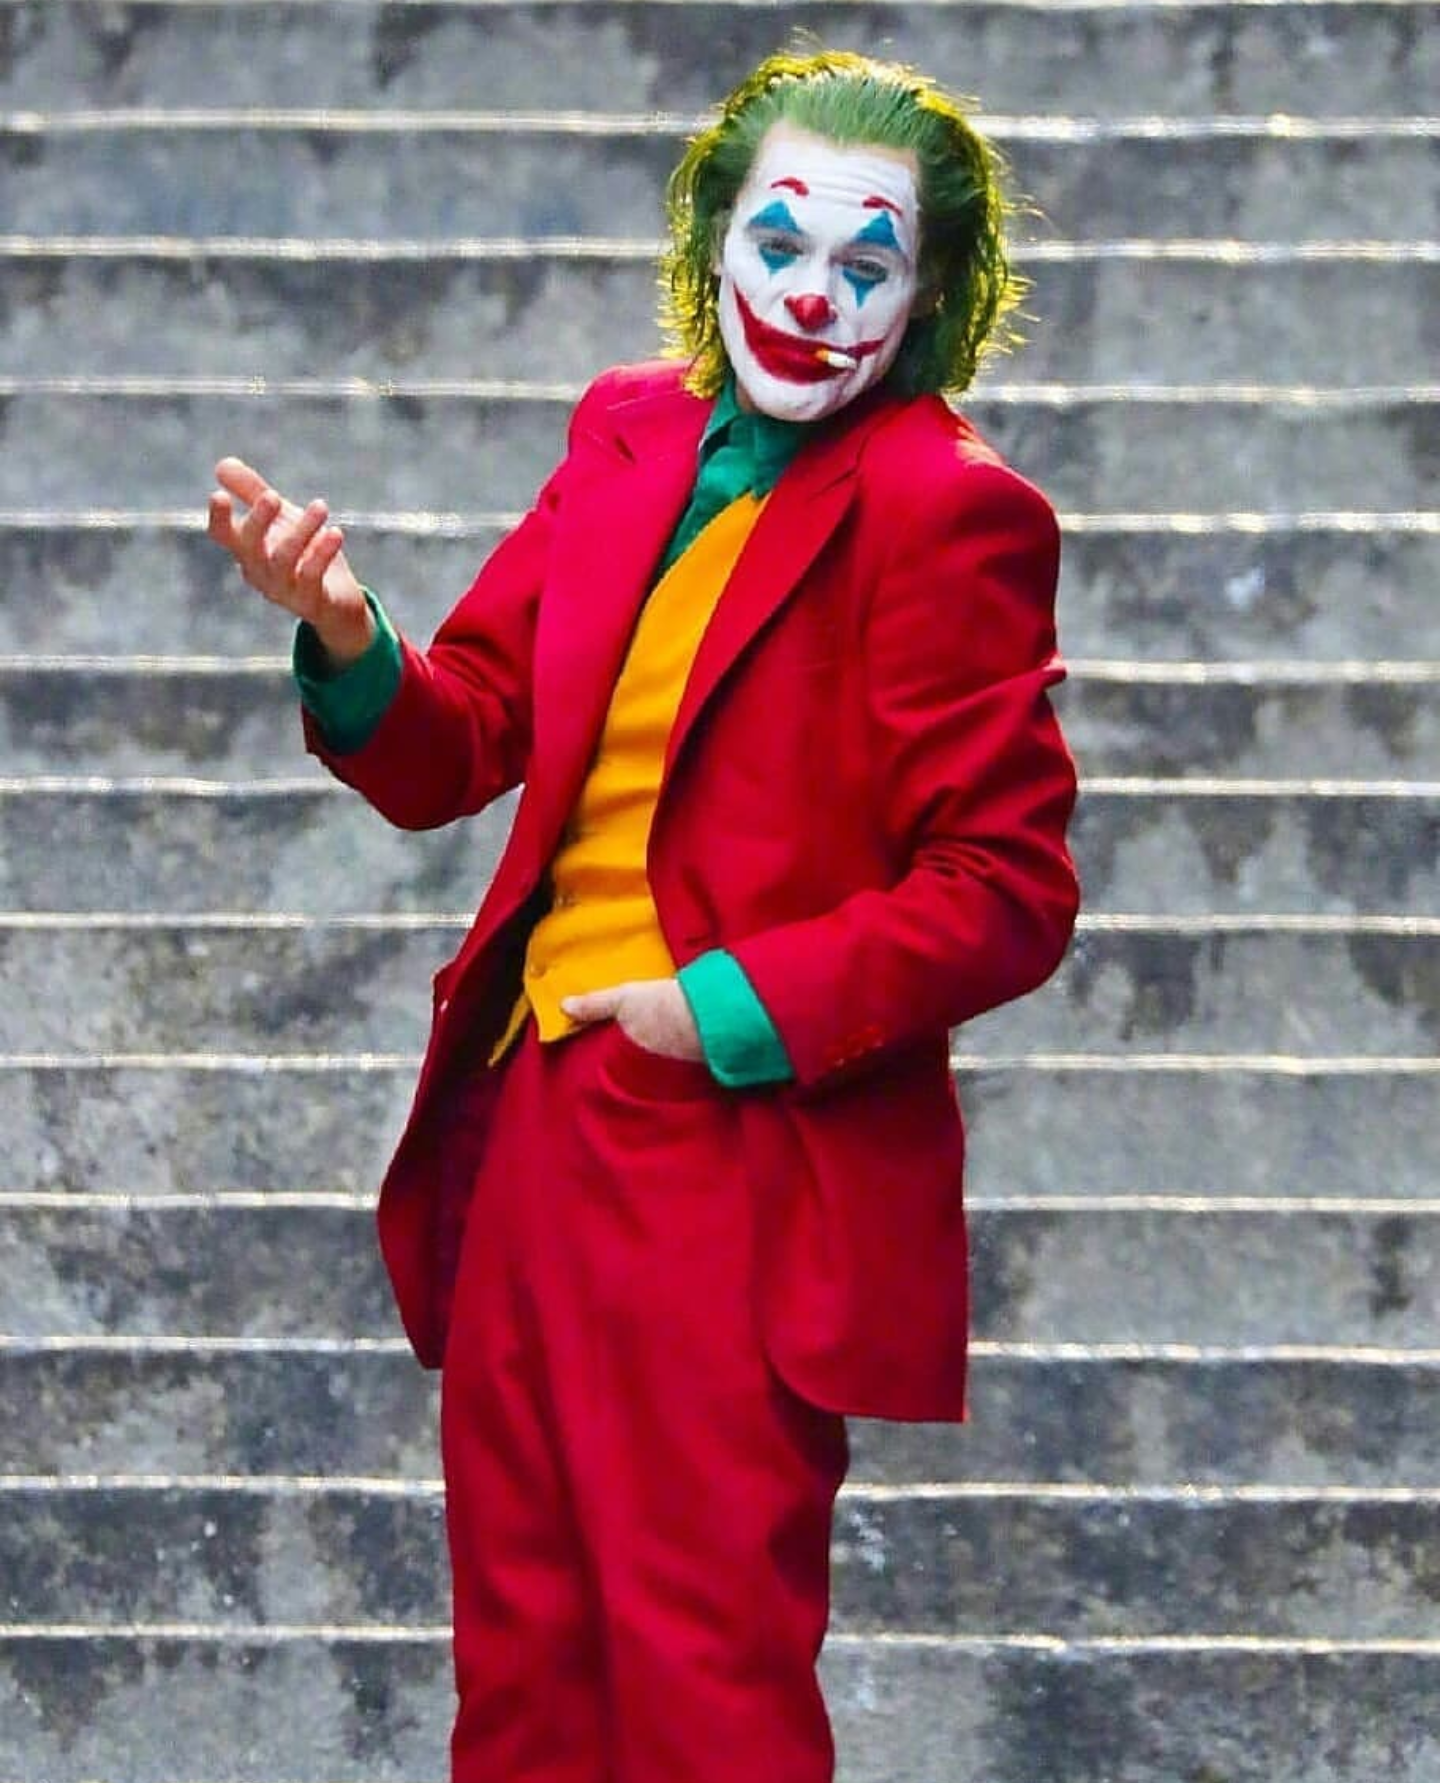 Joaquin Phoenix Joker Joaquinphoenixjoker Filming